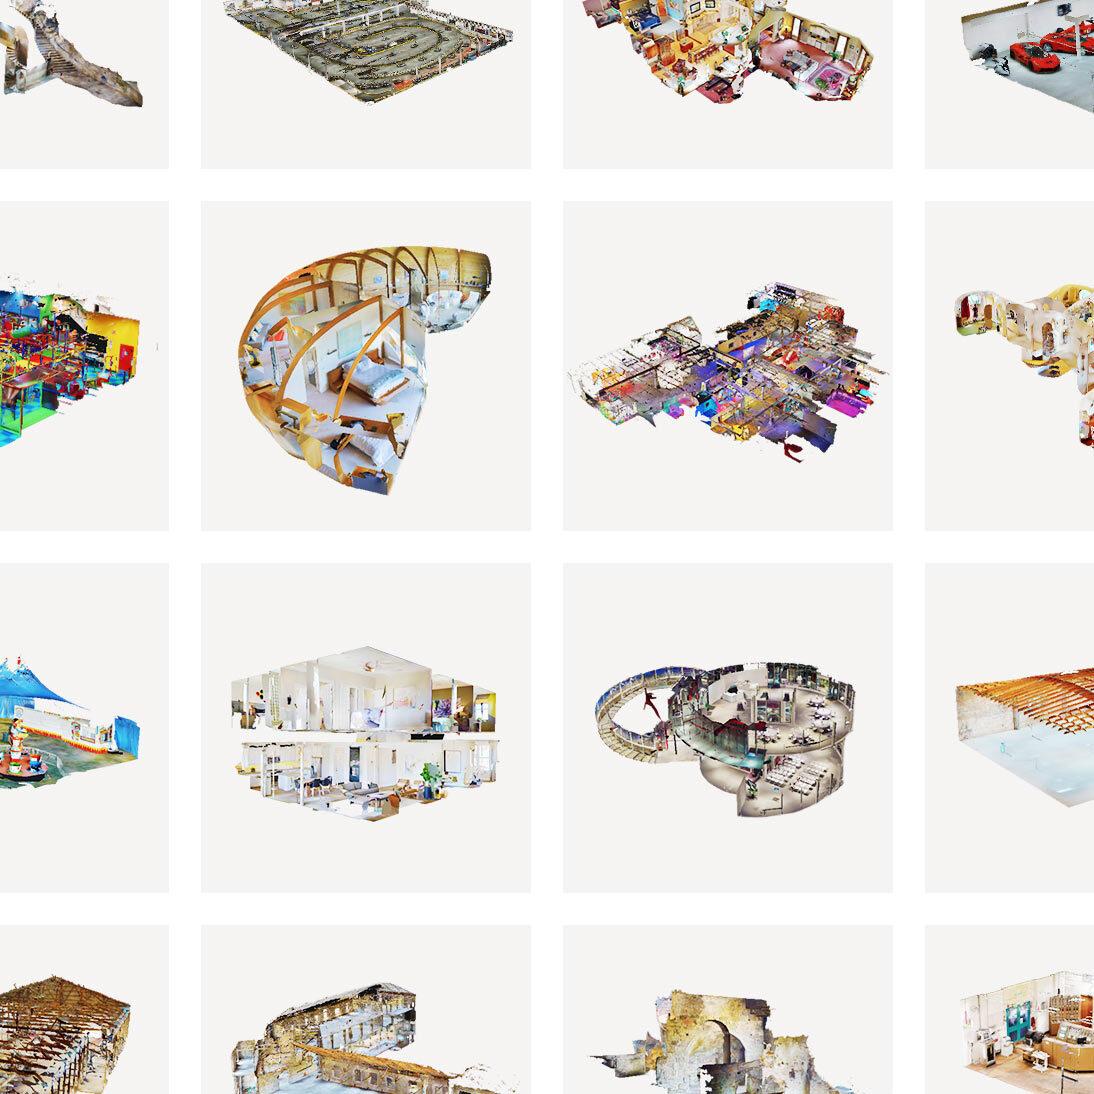 Platform Partner Program - largest library image